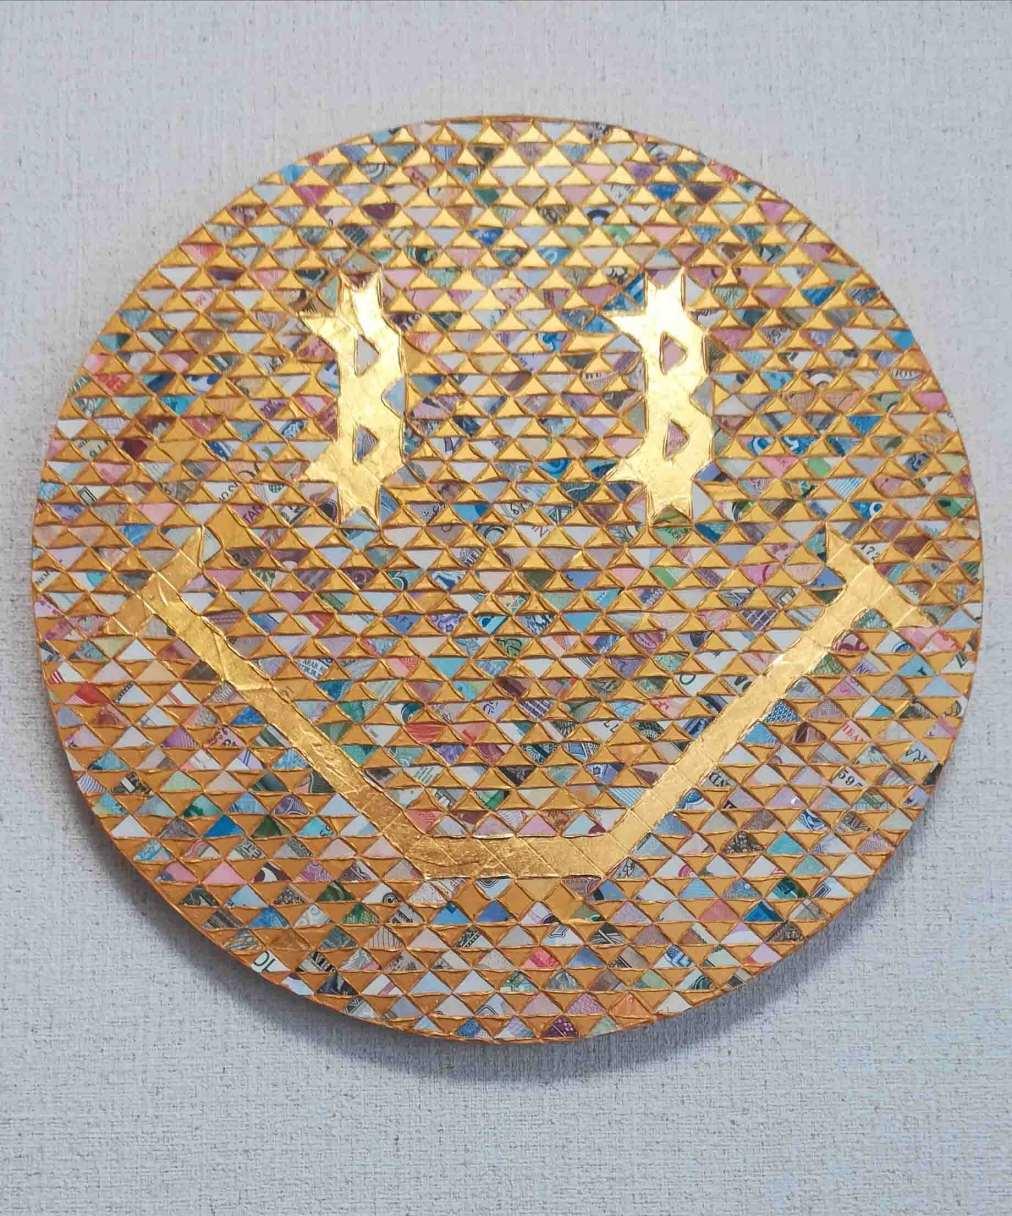 Golden cookies Bitcoin smiley/$B55875060D